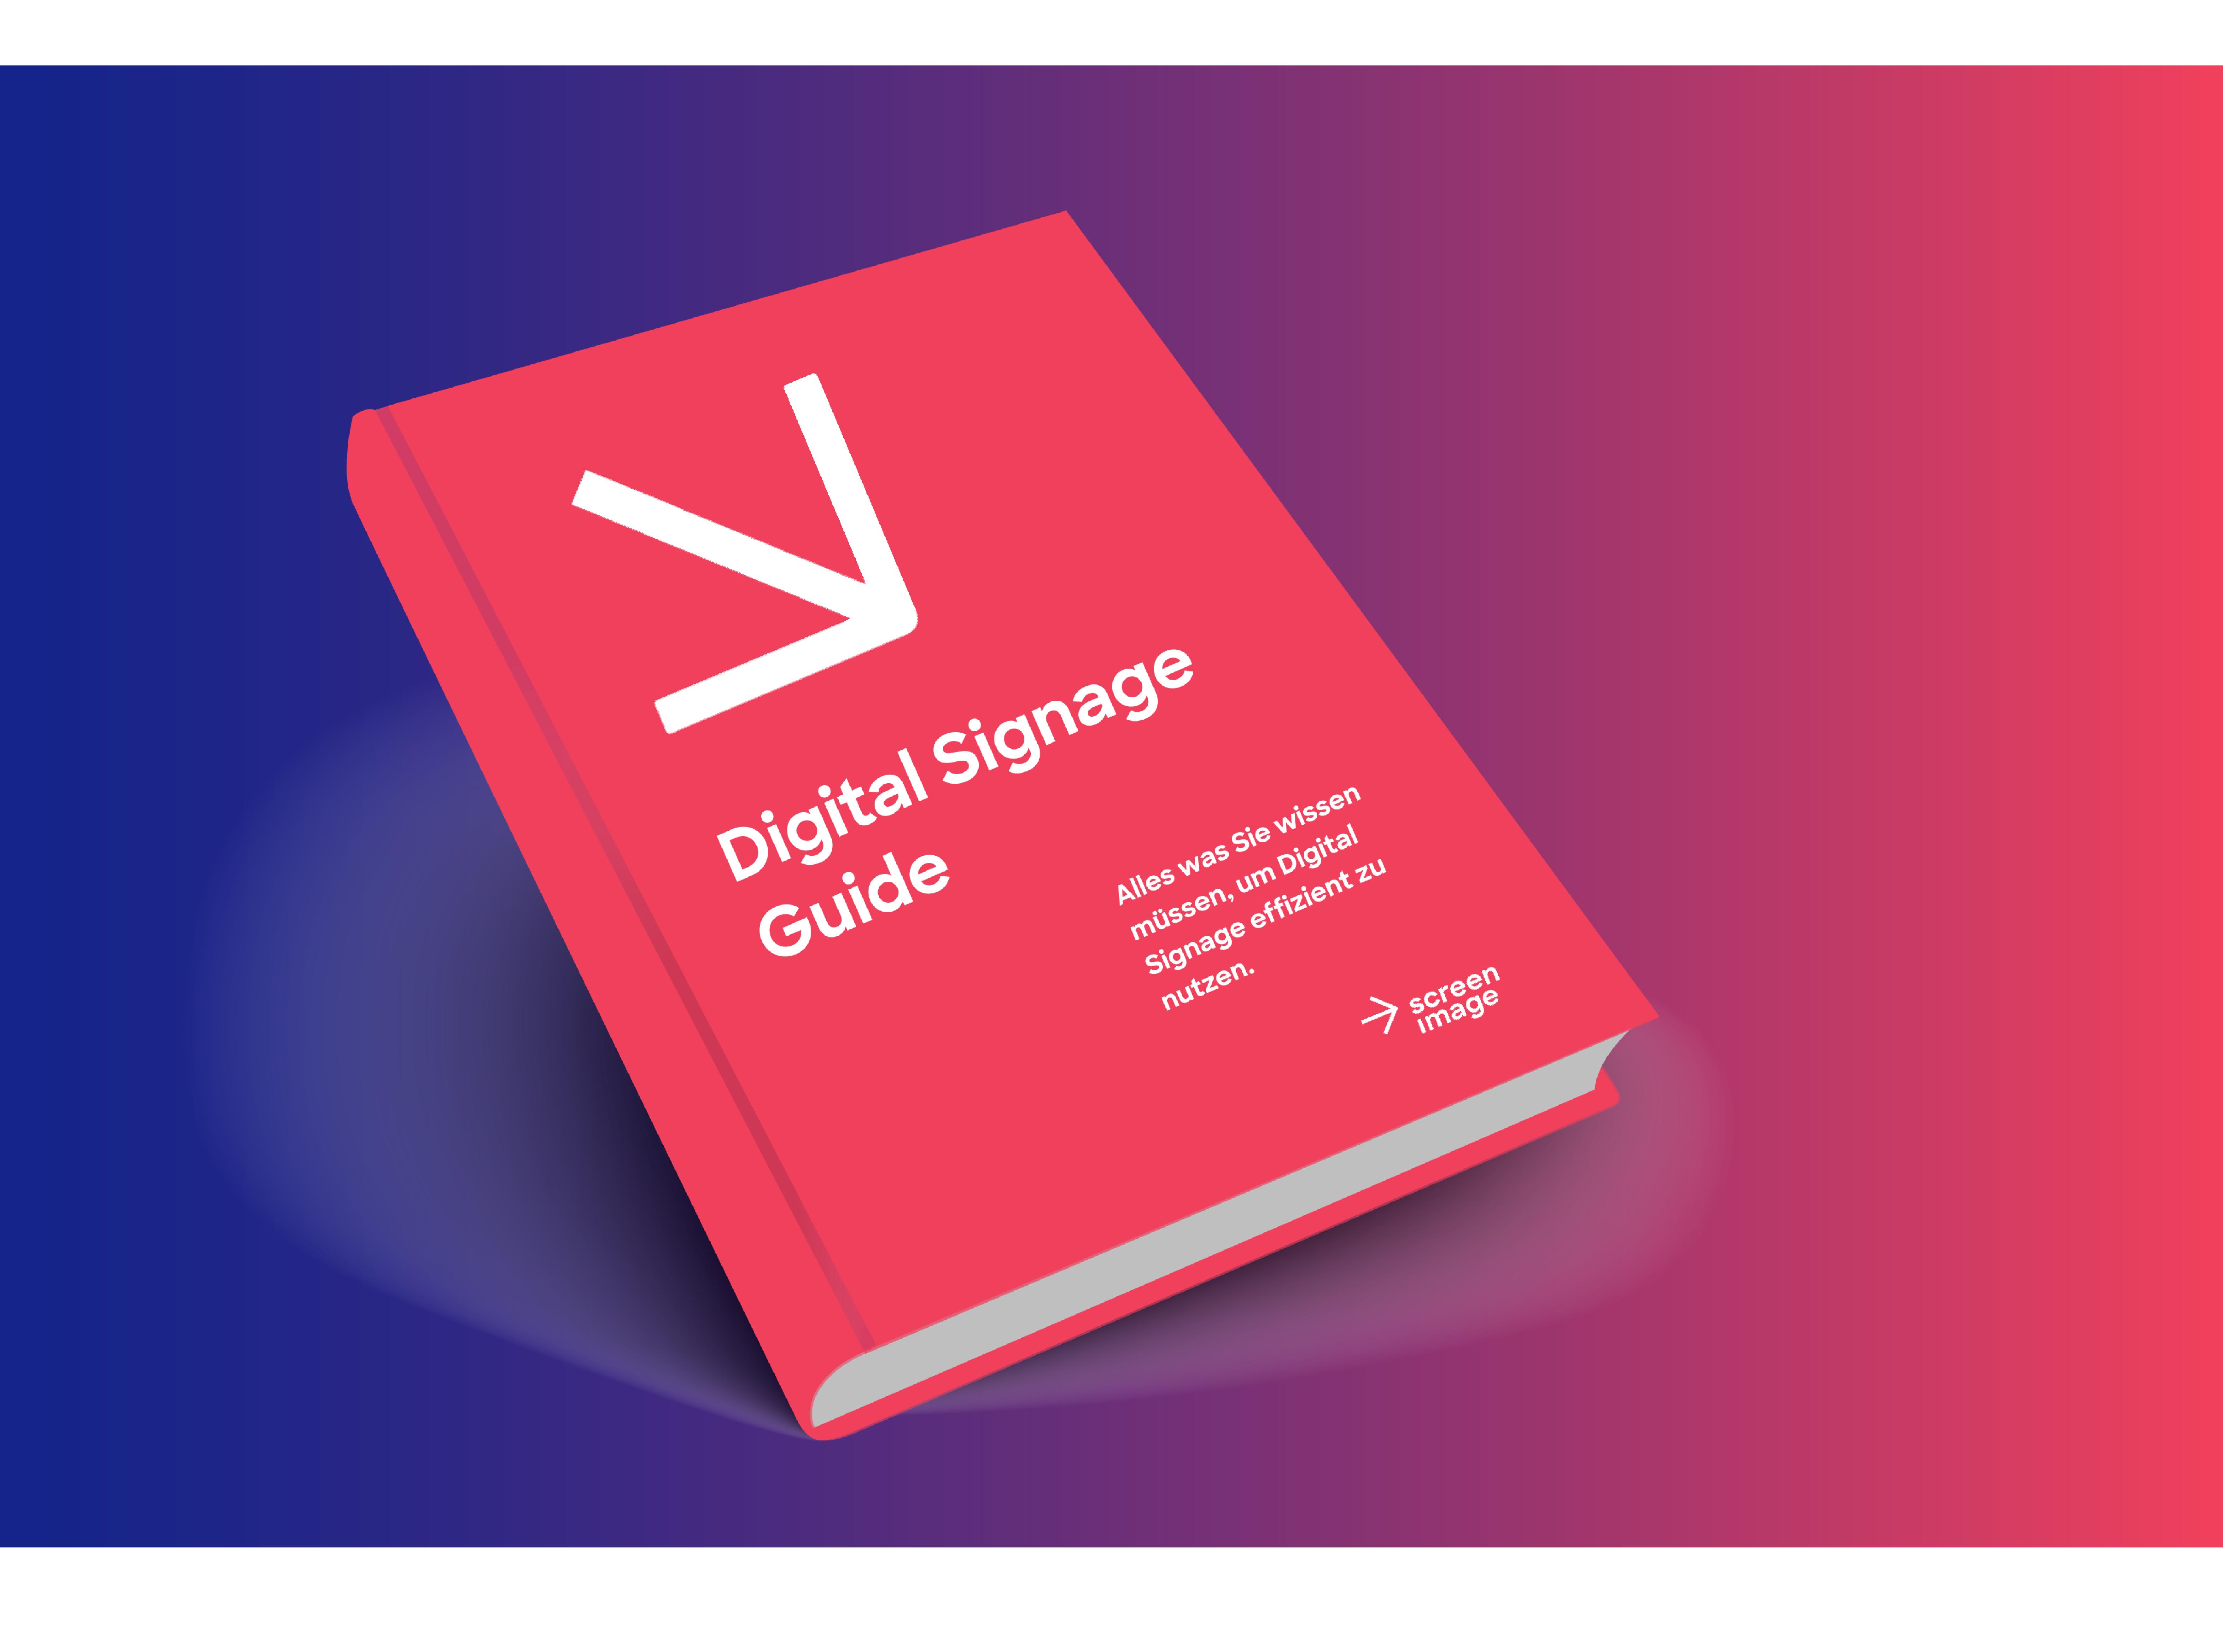 Digital Signage E-Book